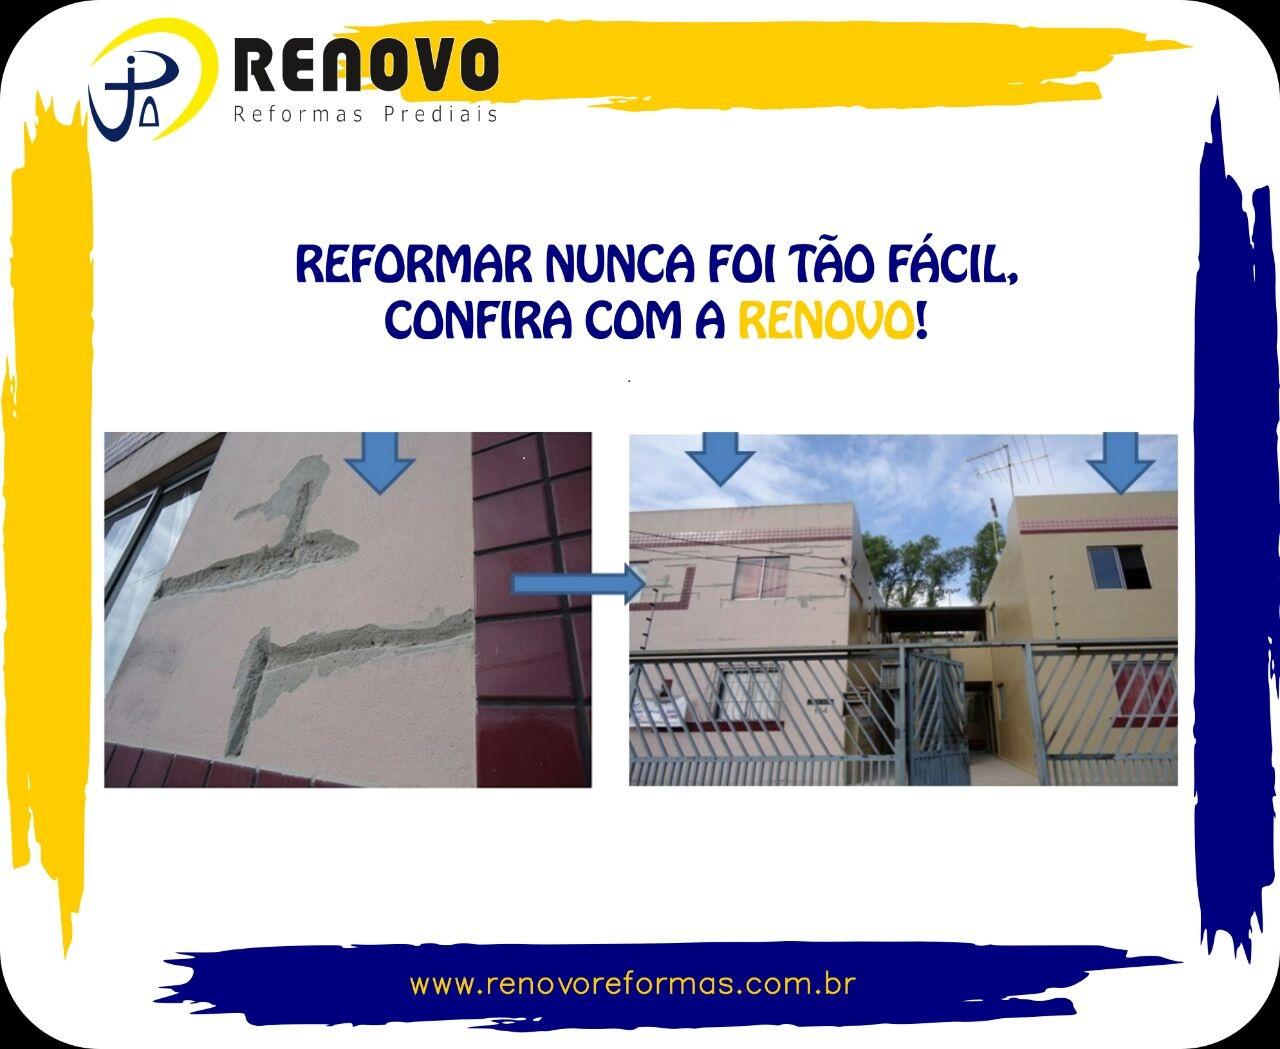 Reformas_Prediais_em_Belo_Horizonte